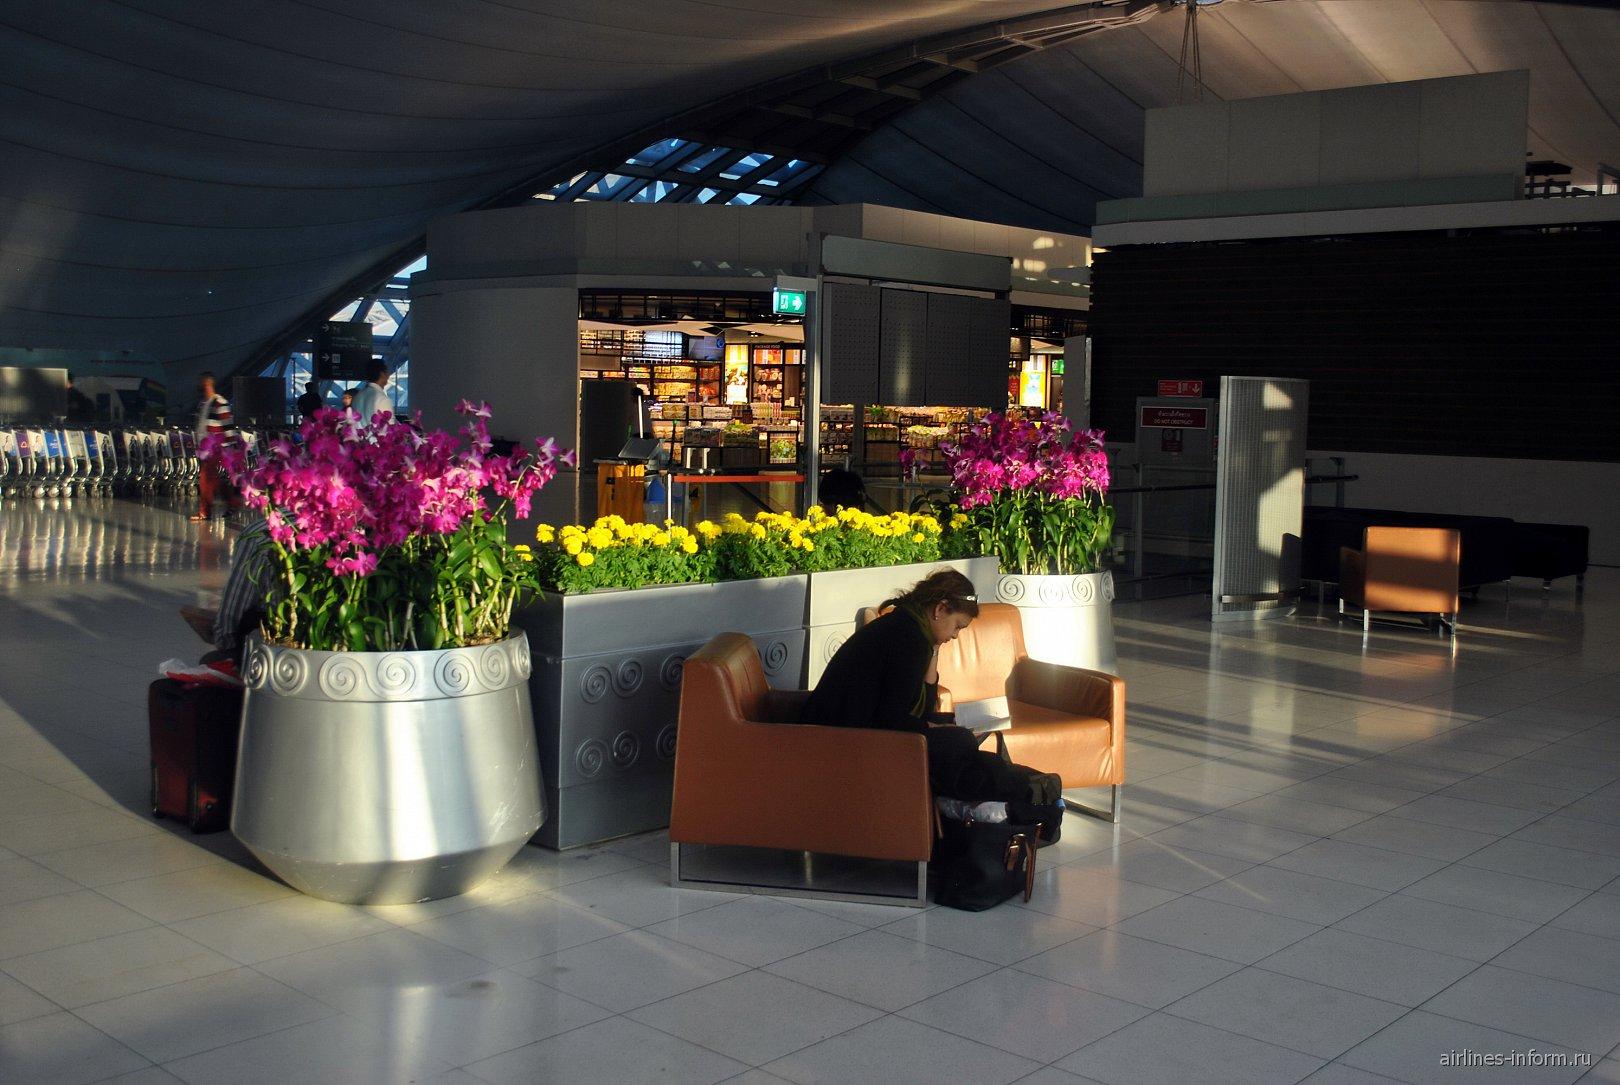 Клумбы с цветами в аэропорту Бангкок Суварнабуми